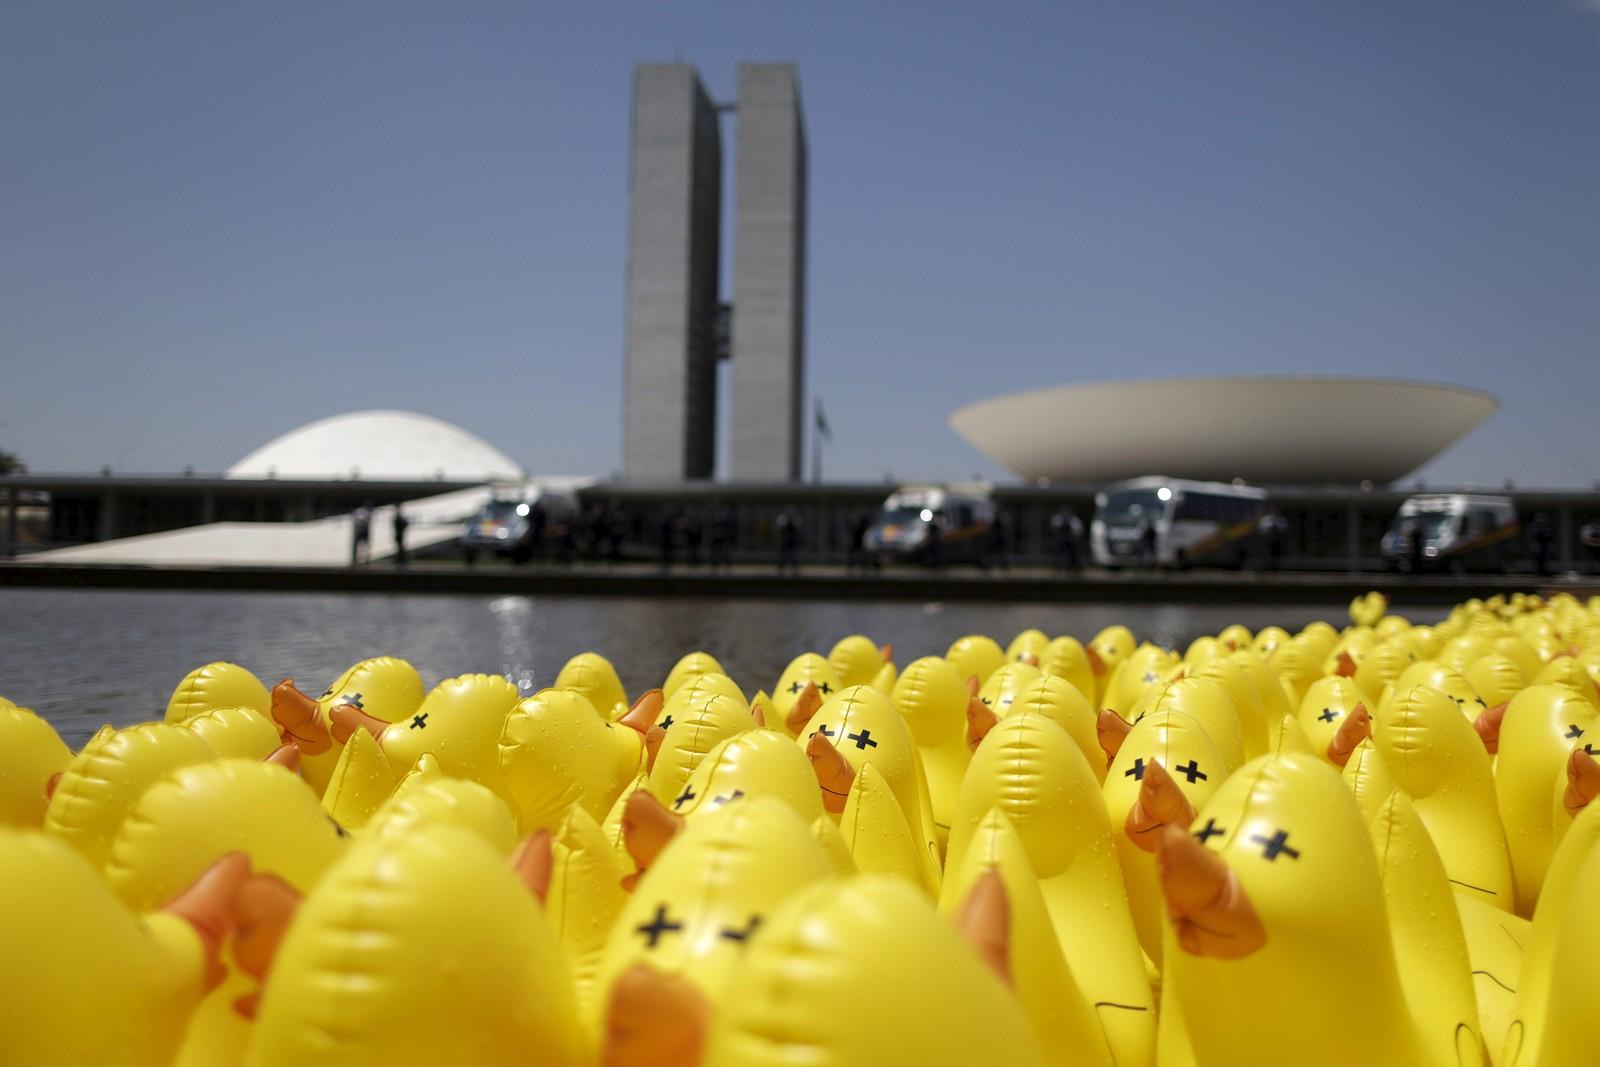 Oppblåsbare ender var denne uka samlet foran den brasilianske nasjonalforsamlingen i Brasilia. Opptrinnet var et ledd i protester mot økte skatter.